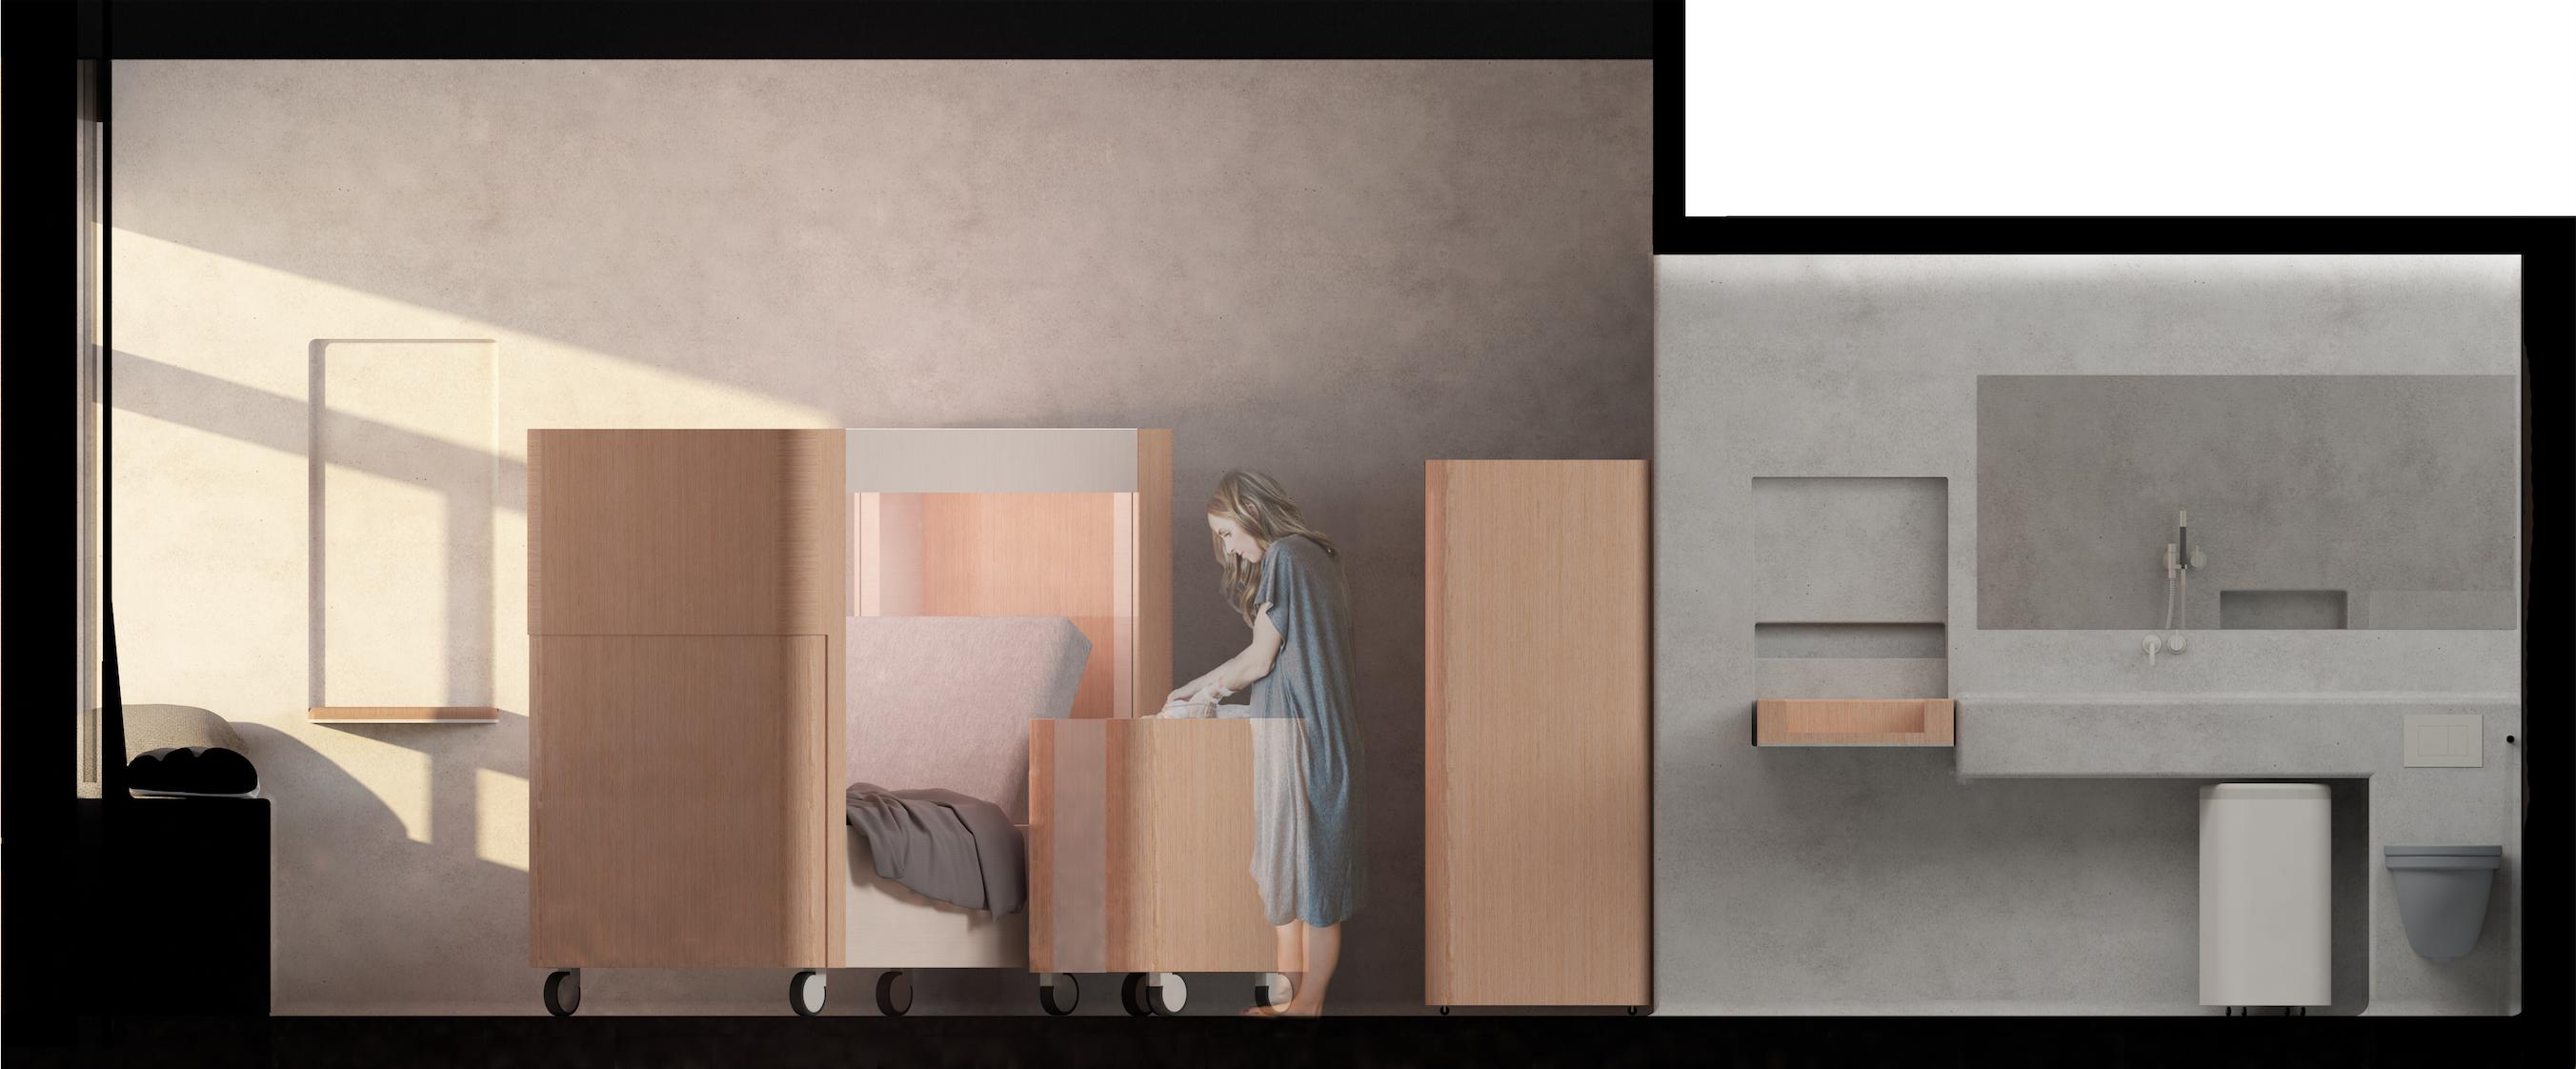 Längsschnitt   Wochenbettzimmer